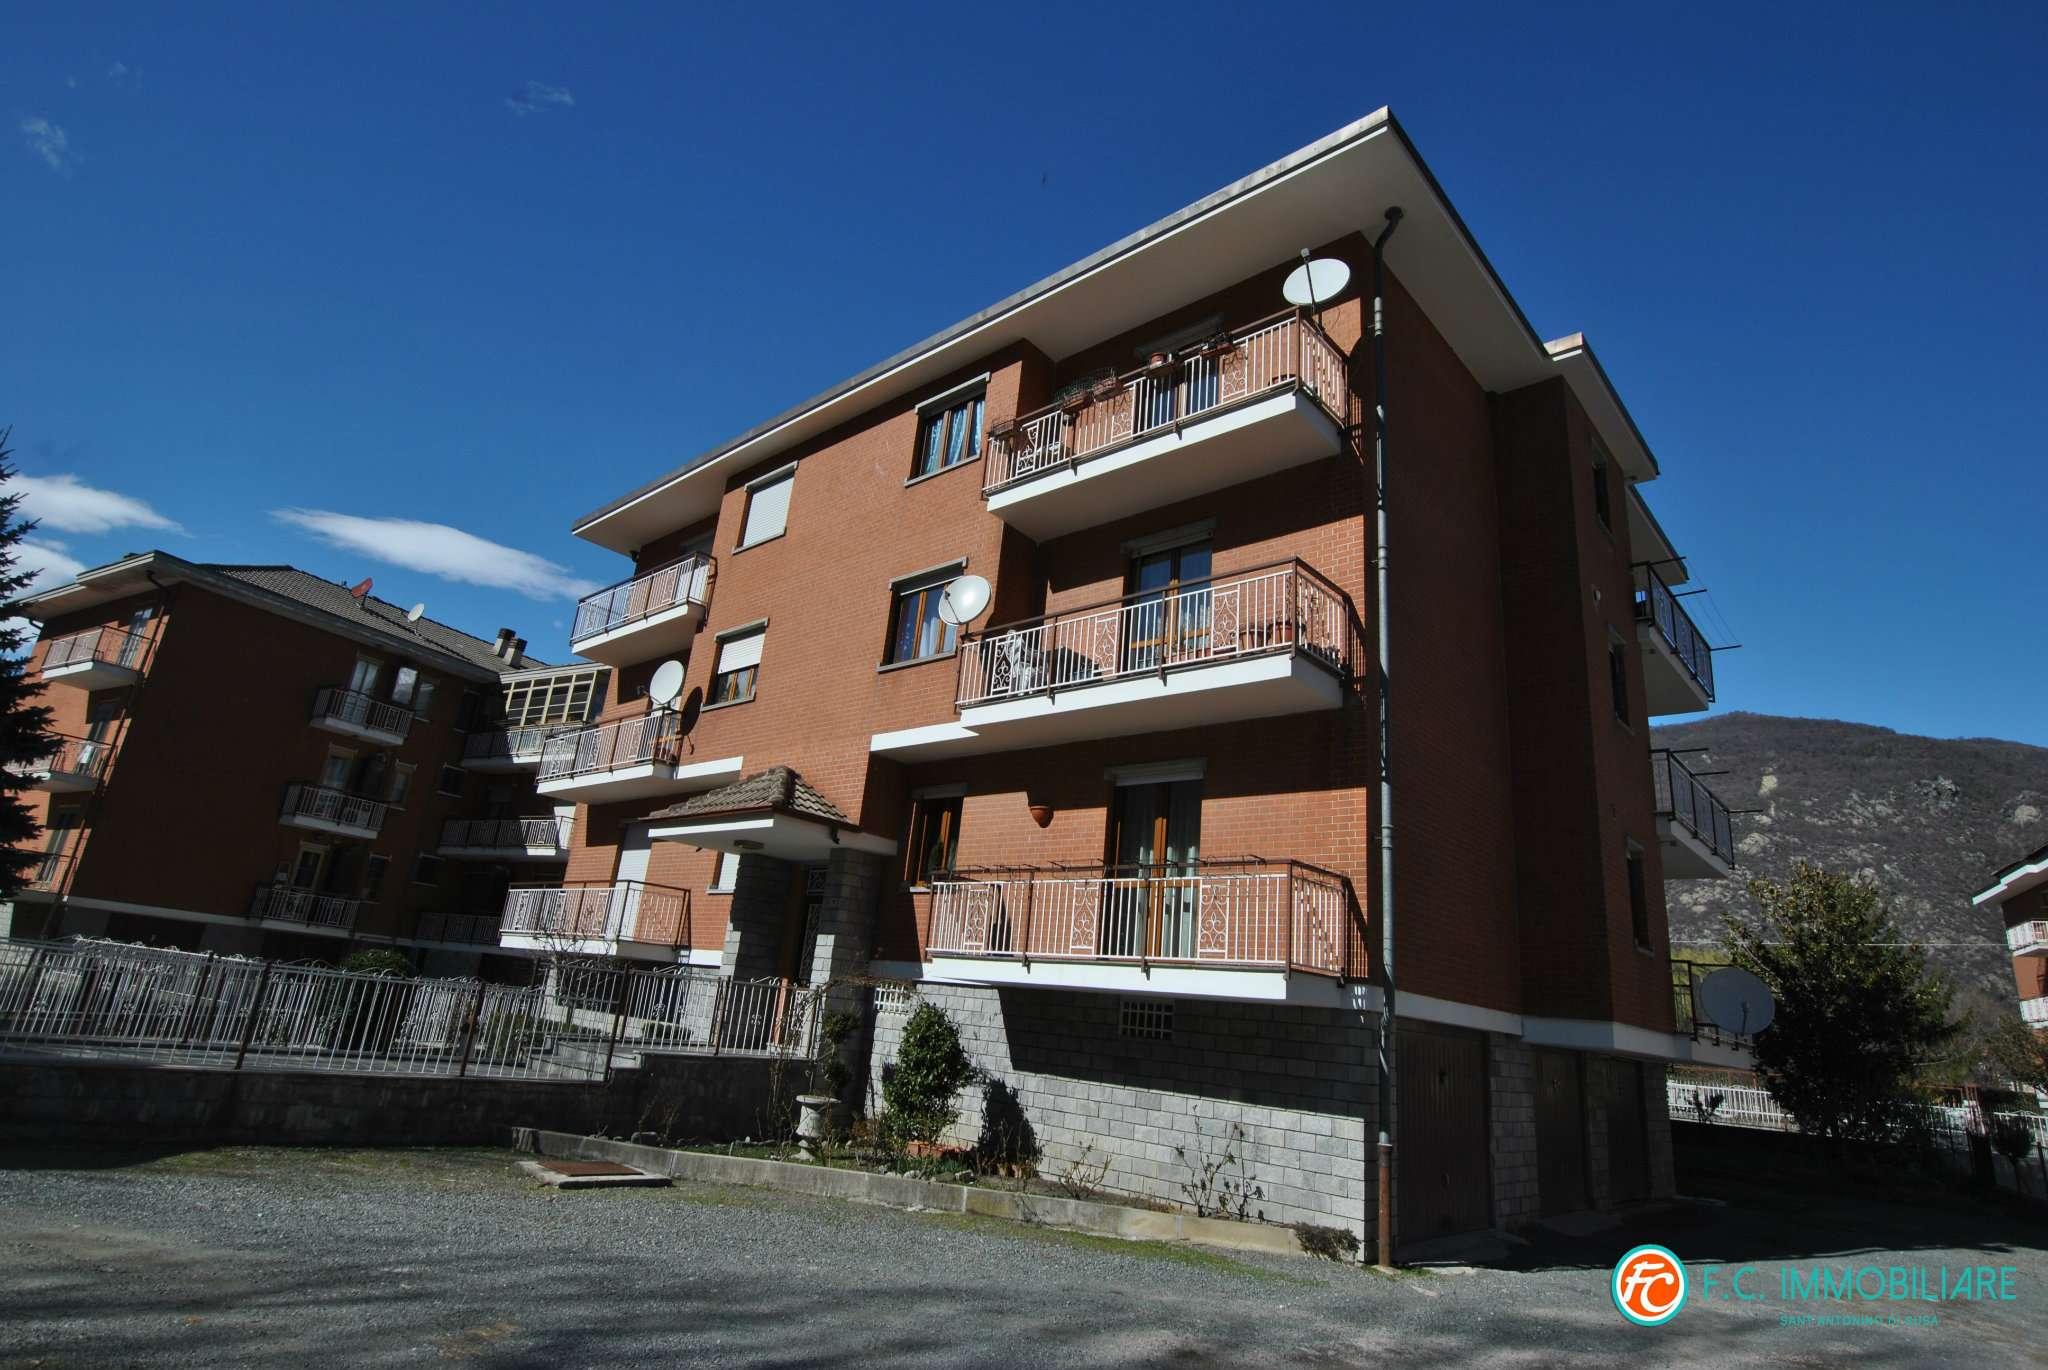 Appartamento in vendita a Sant'Antonino di Susa, 4 locali, prezzo € 108.000 | CambioCasa.it